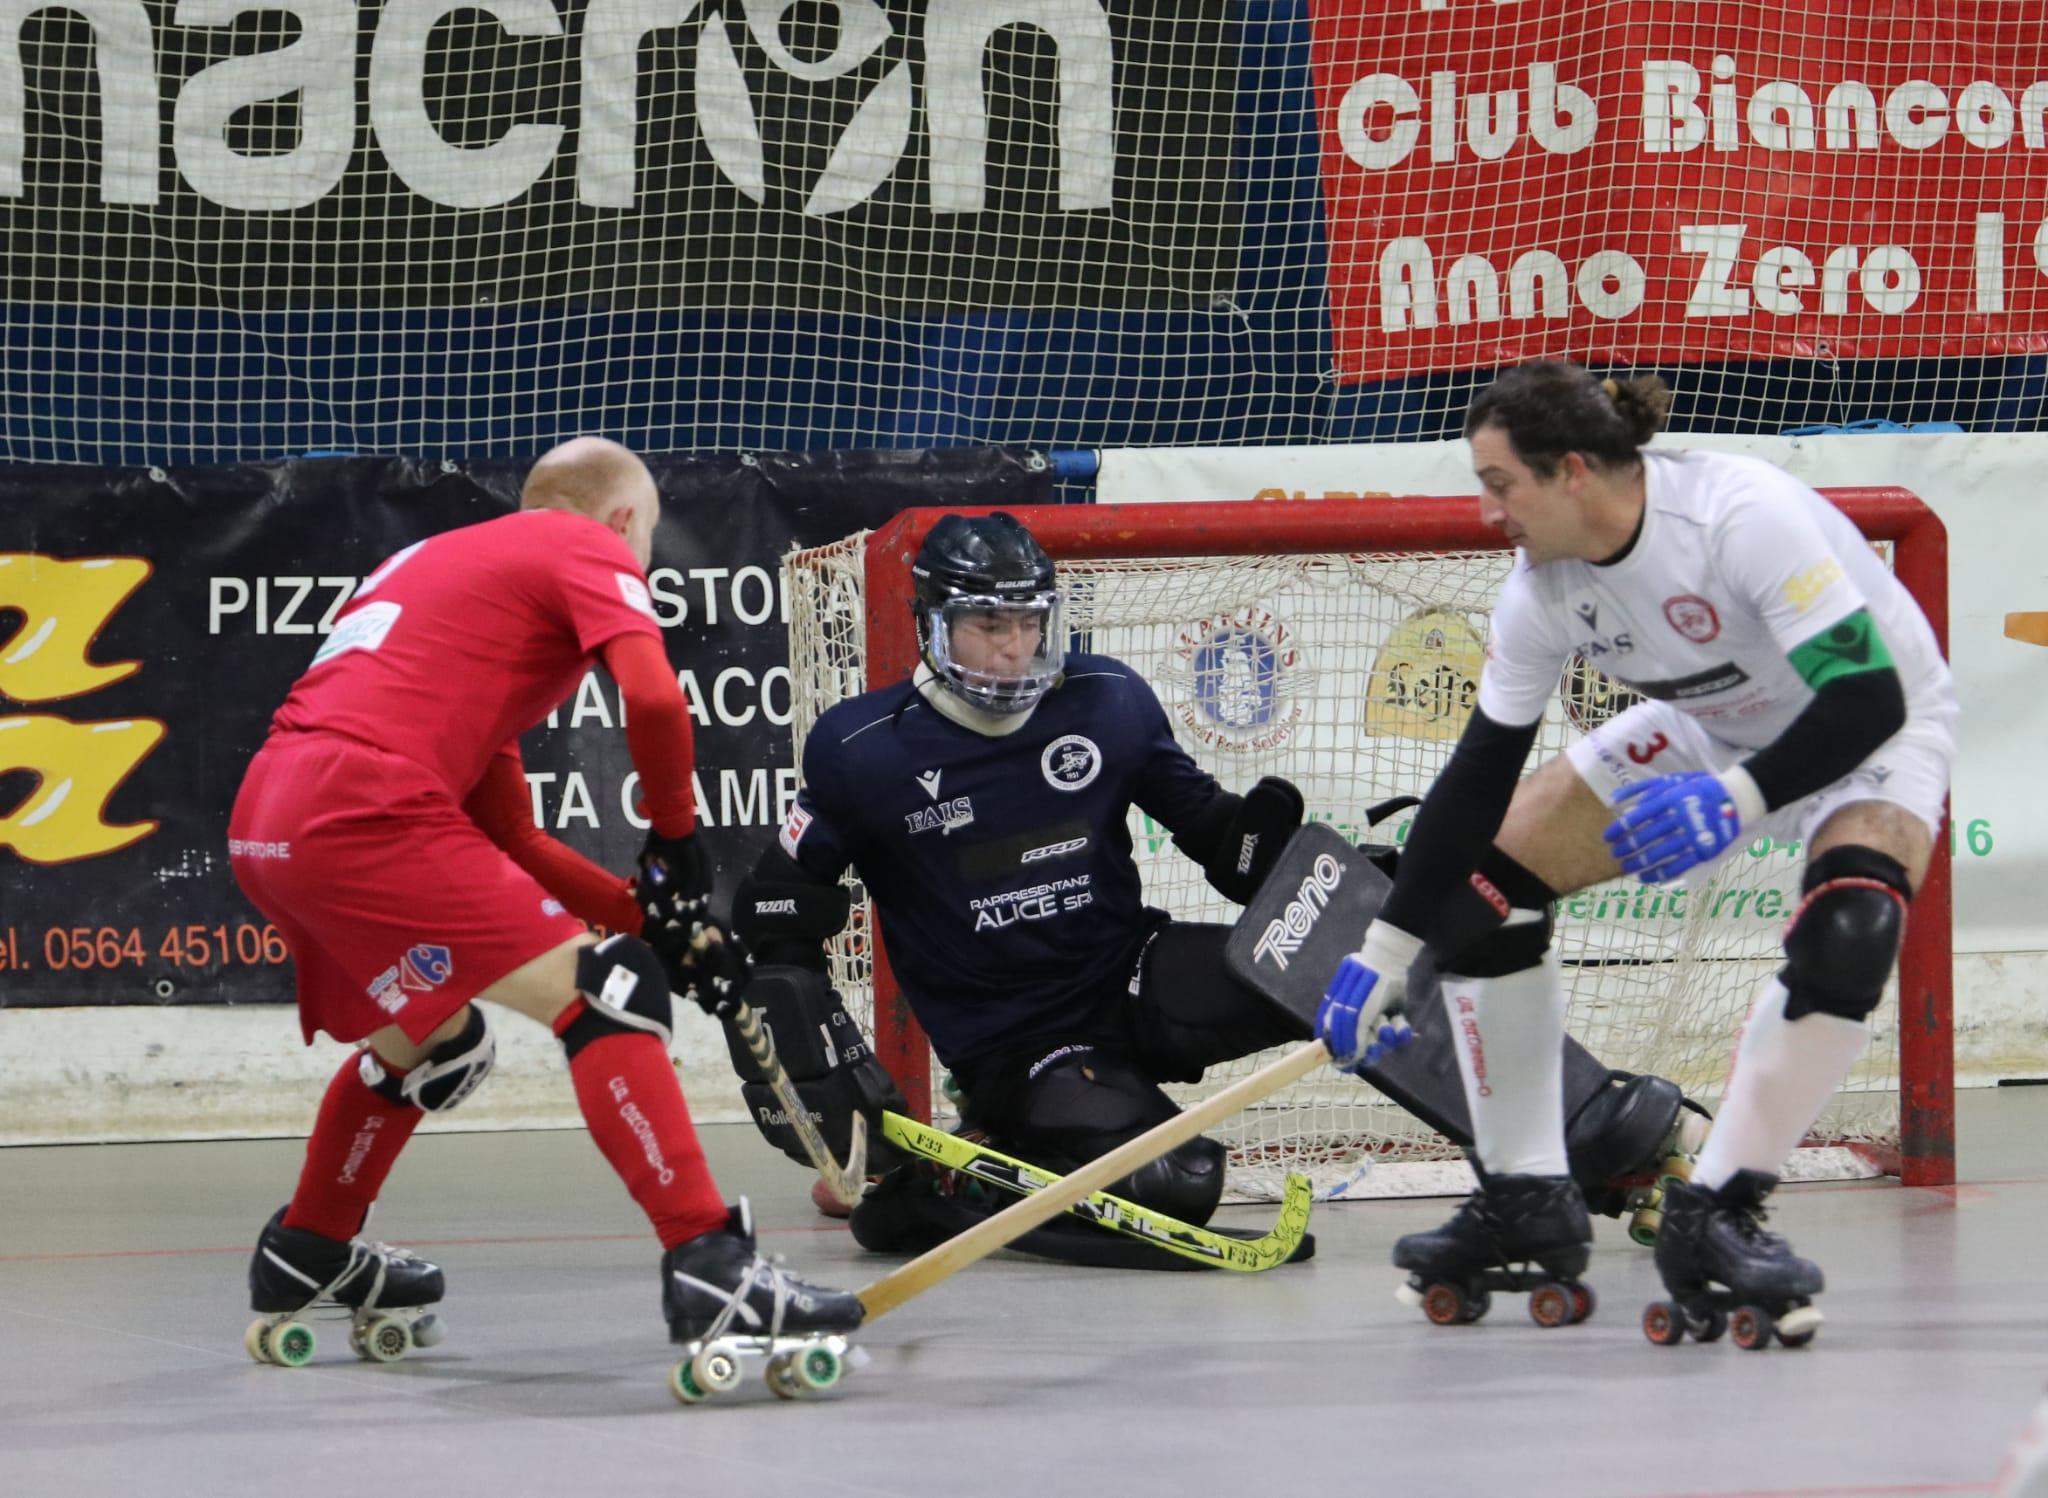 hockey-pista-circolo-pattinatori-grosseto-derby-ALICE-RRD-giocatori-Ciupi-Achilli